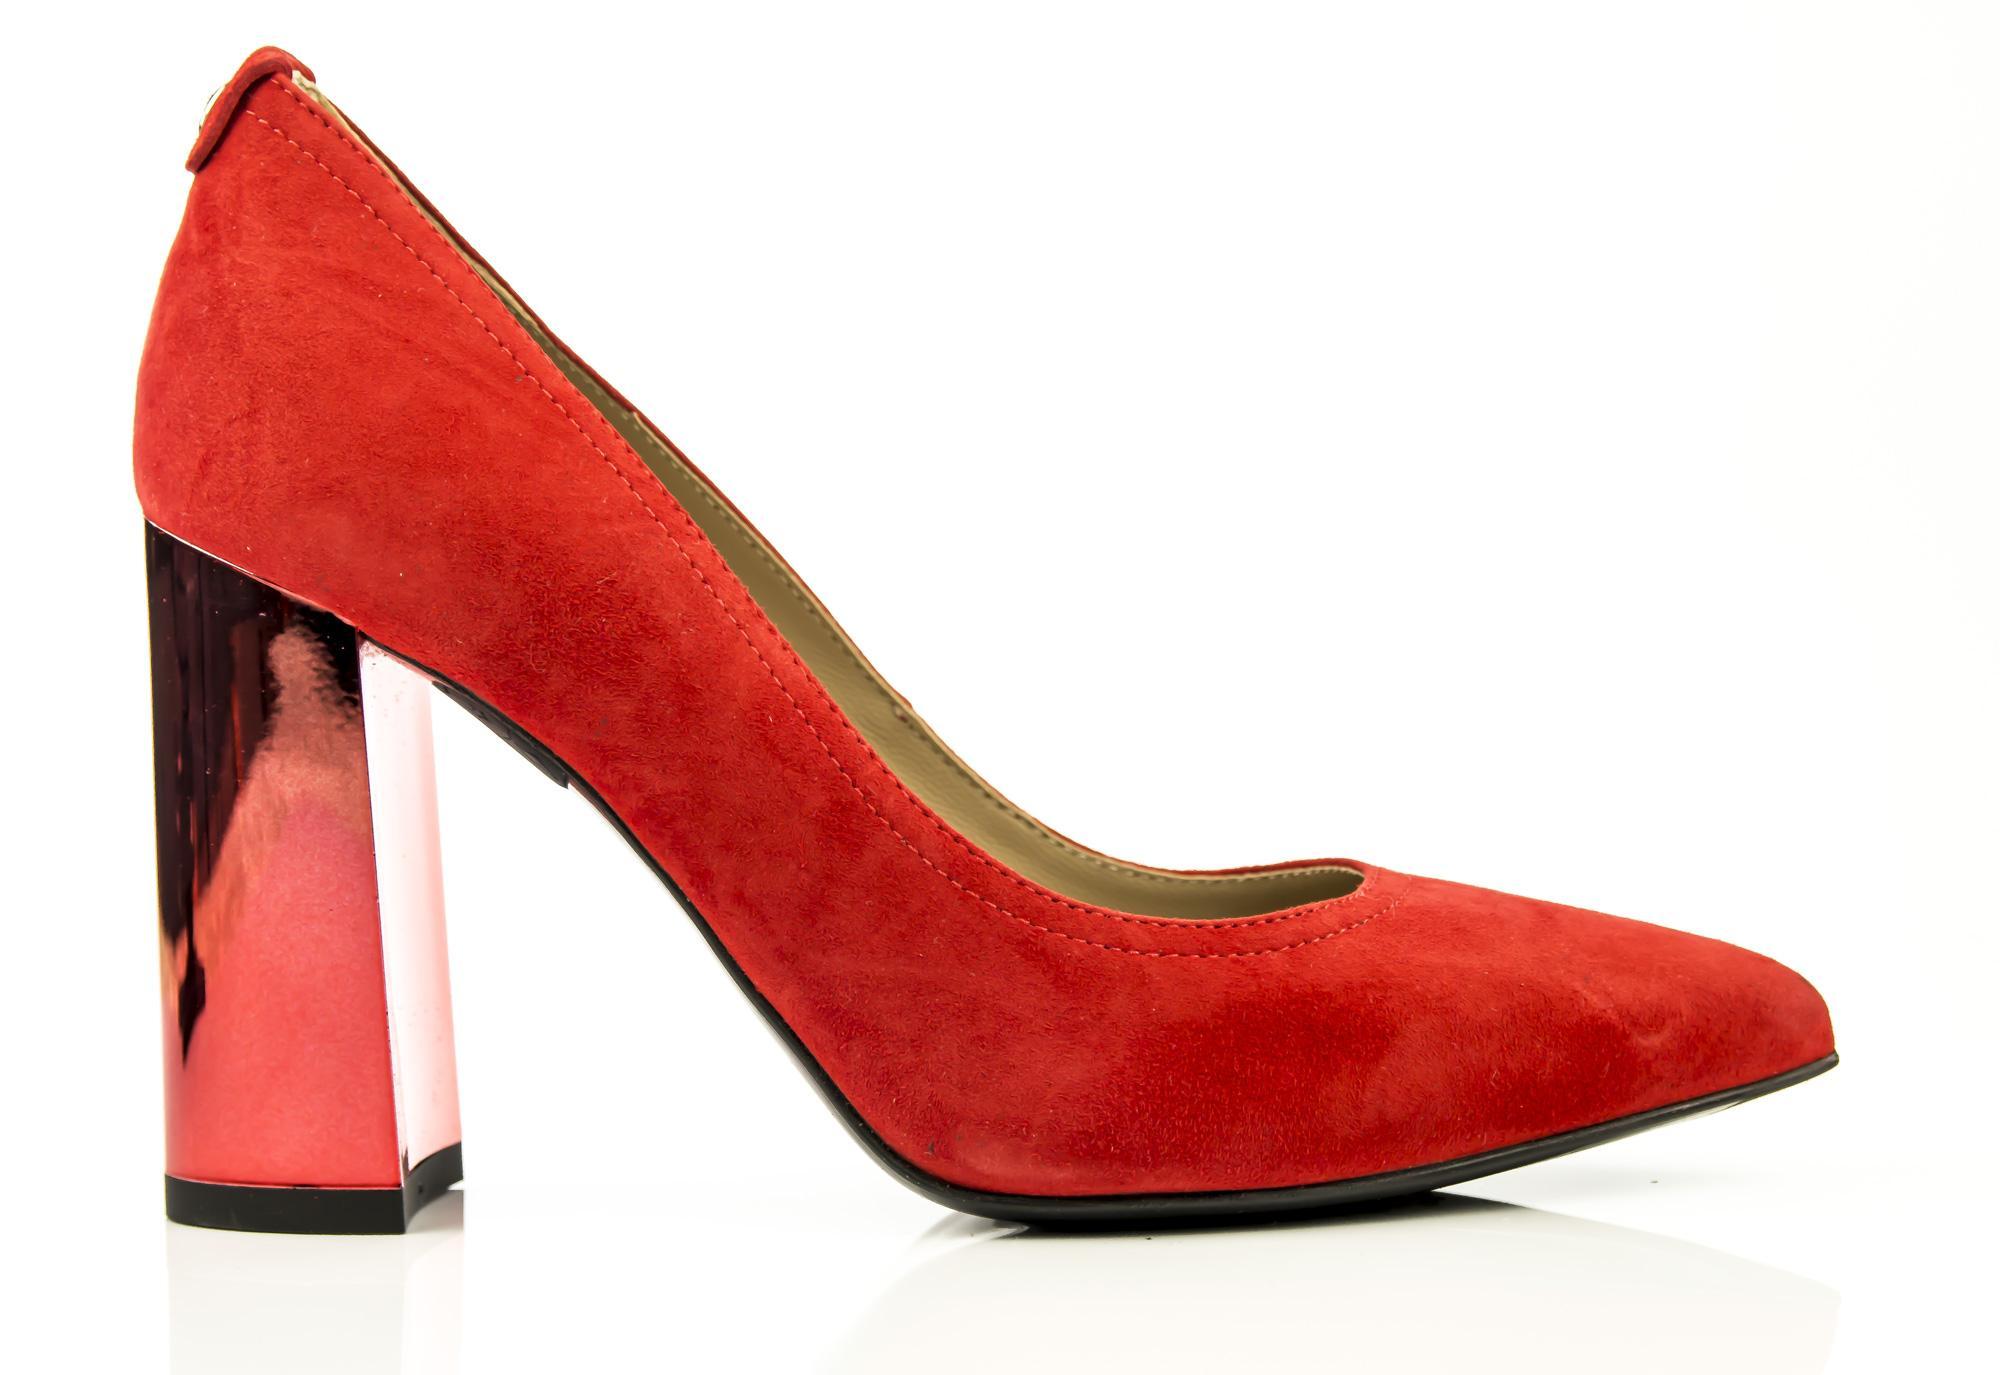 online enorme inventario prezzo di strada Dettagli su Decollete NeroGiardini P907930-600 907930 scarpe donna rosse  eleganti